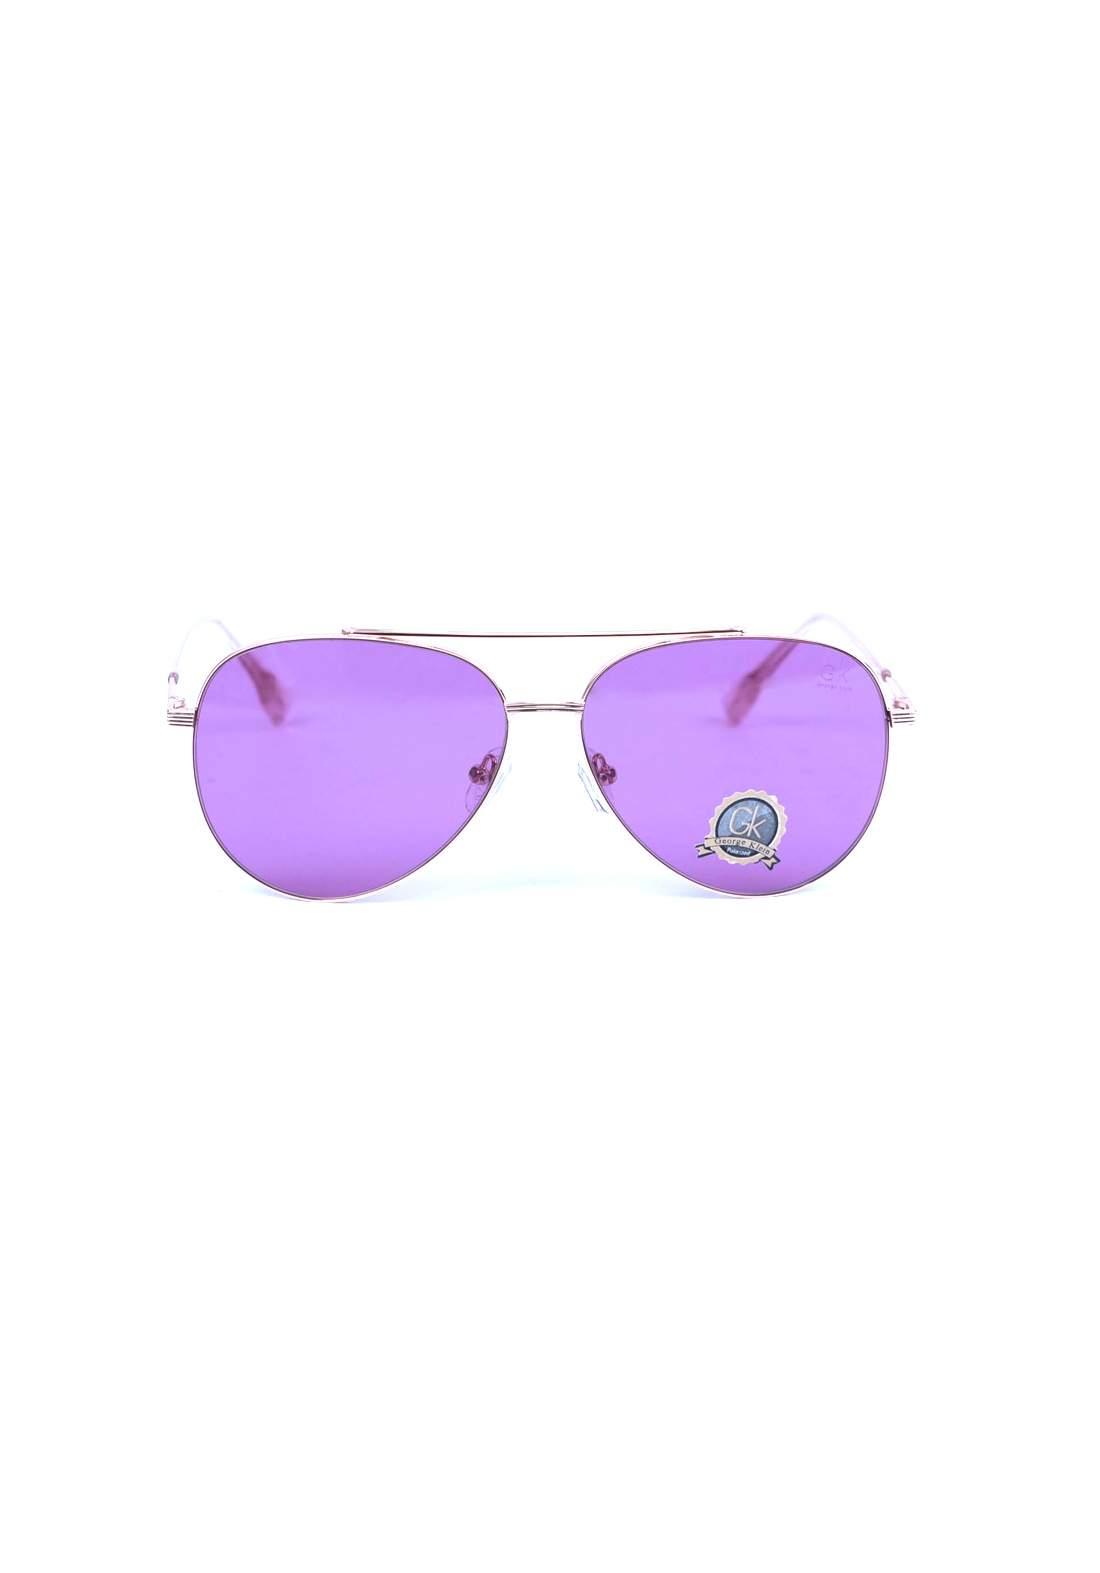 نظارات نسائية من جي كي بنفسجية اللون